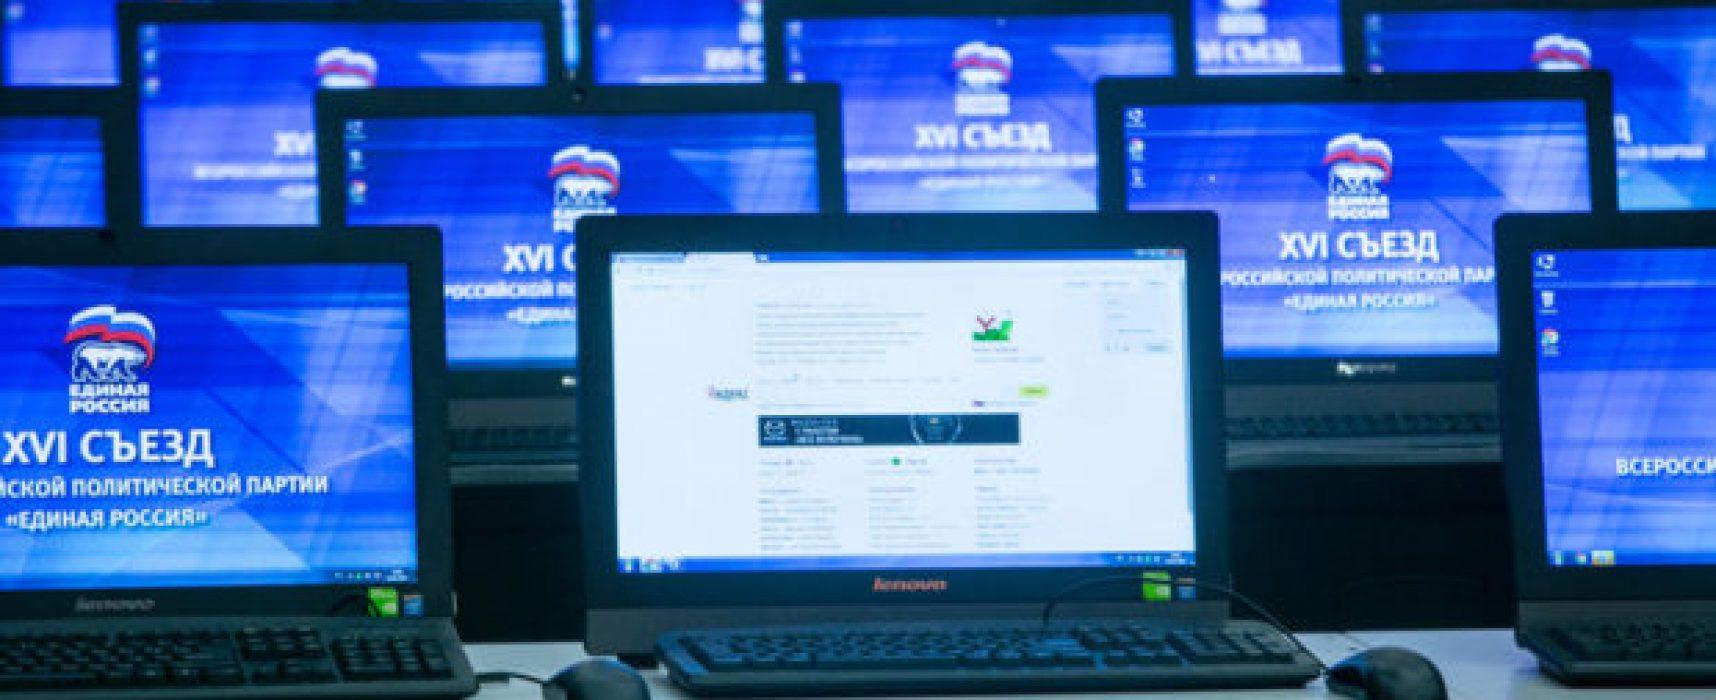 Арестованный США российский хакер заявил, что работал на «Единую Россию»